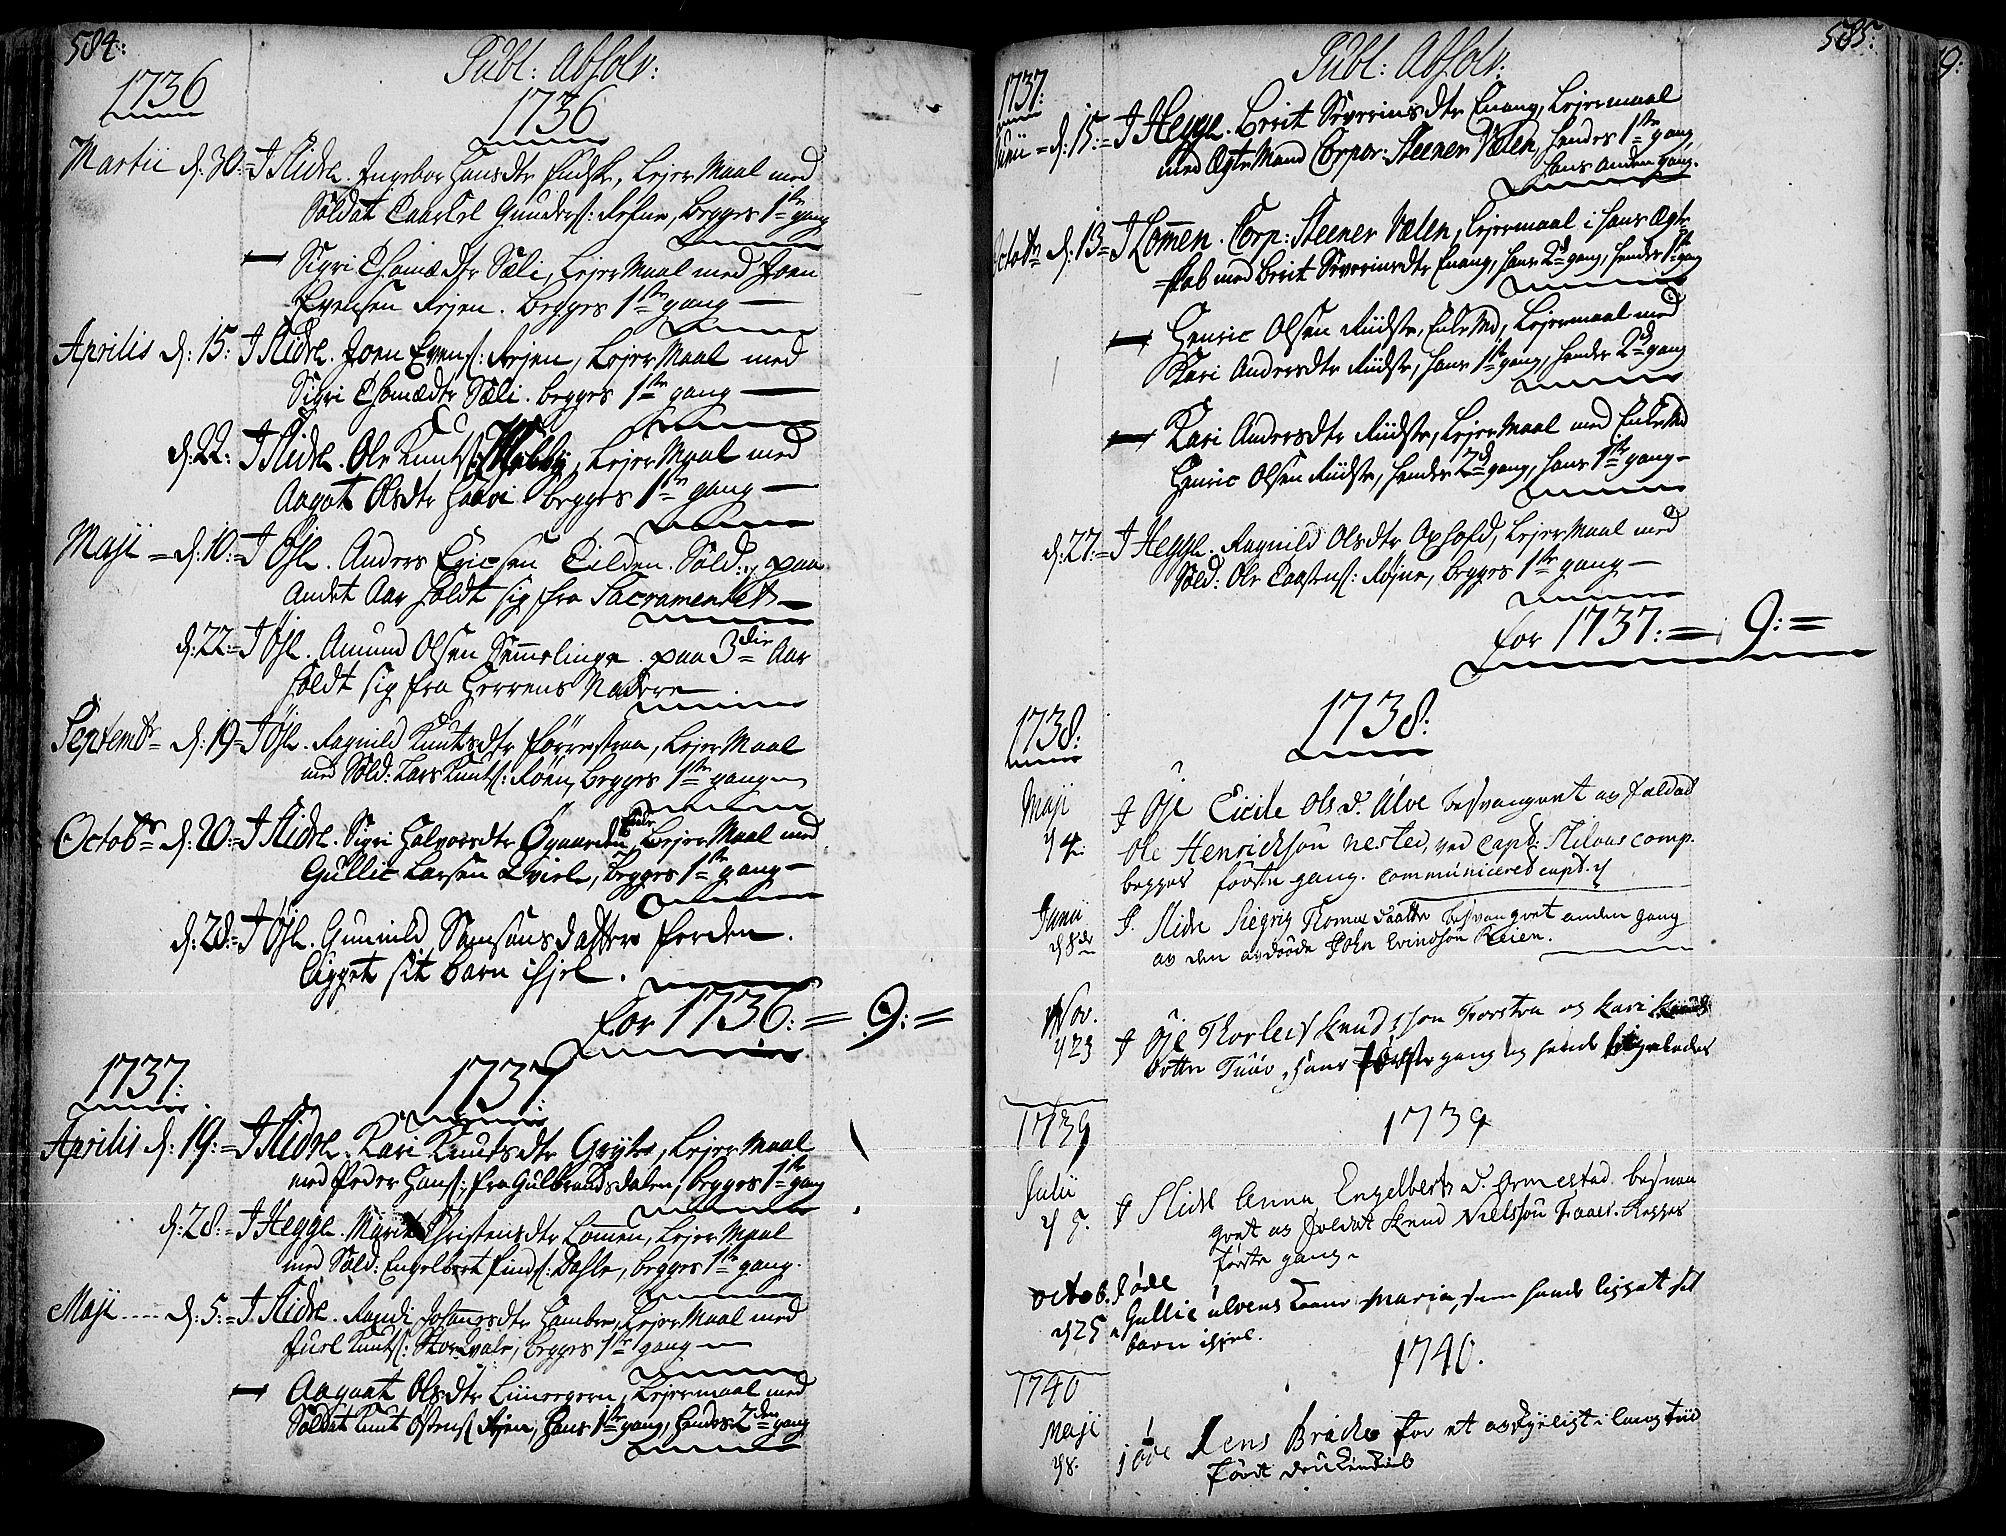 SAH, Slidre prestekontor, Ministerialbok nr. 1, 1724-1814, s. 584-585